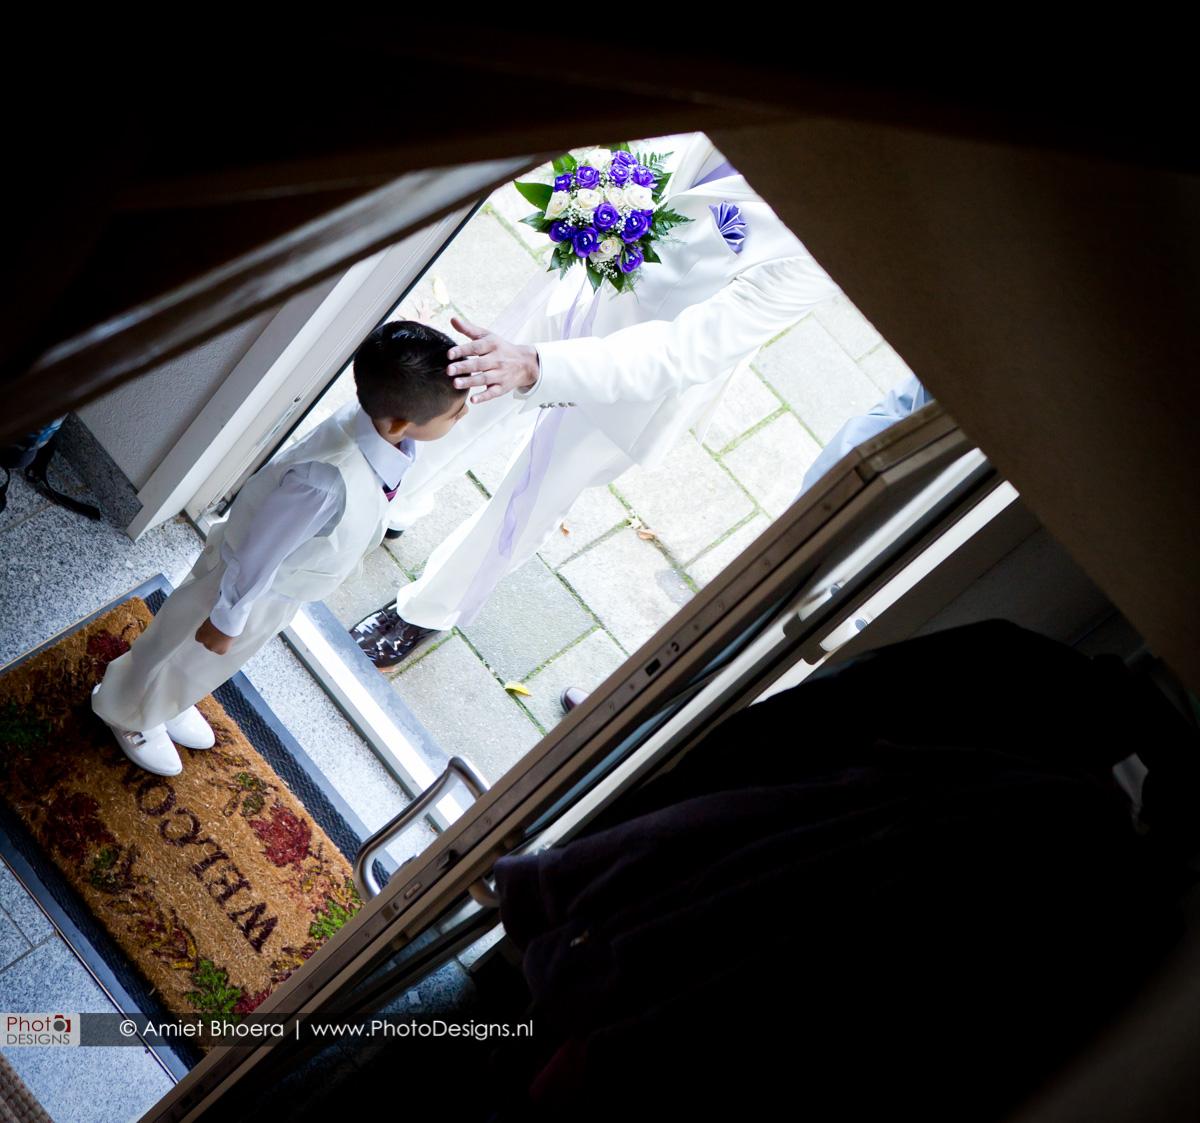 AmietBhoera-PhotoDesigns-hindoestaanse-fotograaf-bruidsfotograaf-Hindoestaanse-fotograaf-bruidsfotograaf-hindustaanse-2